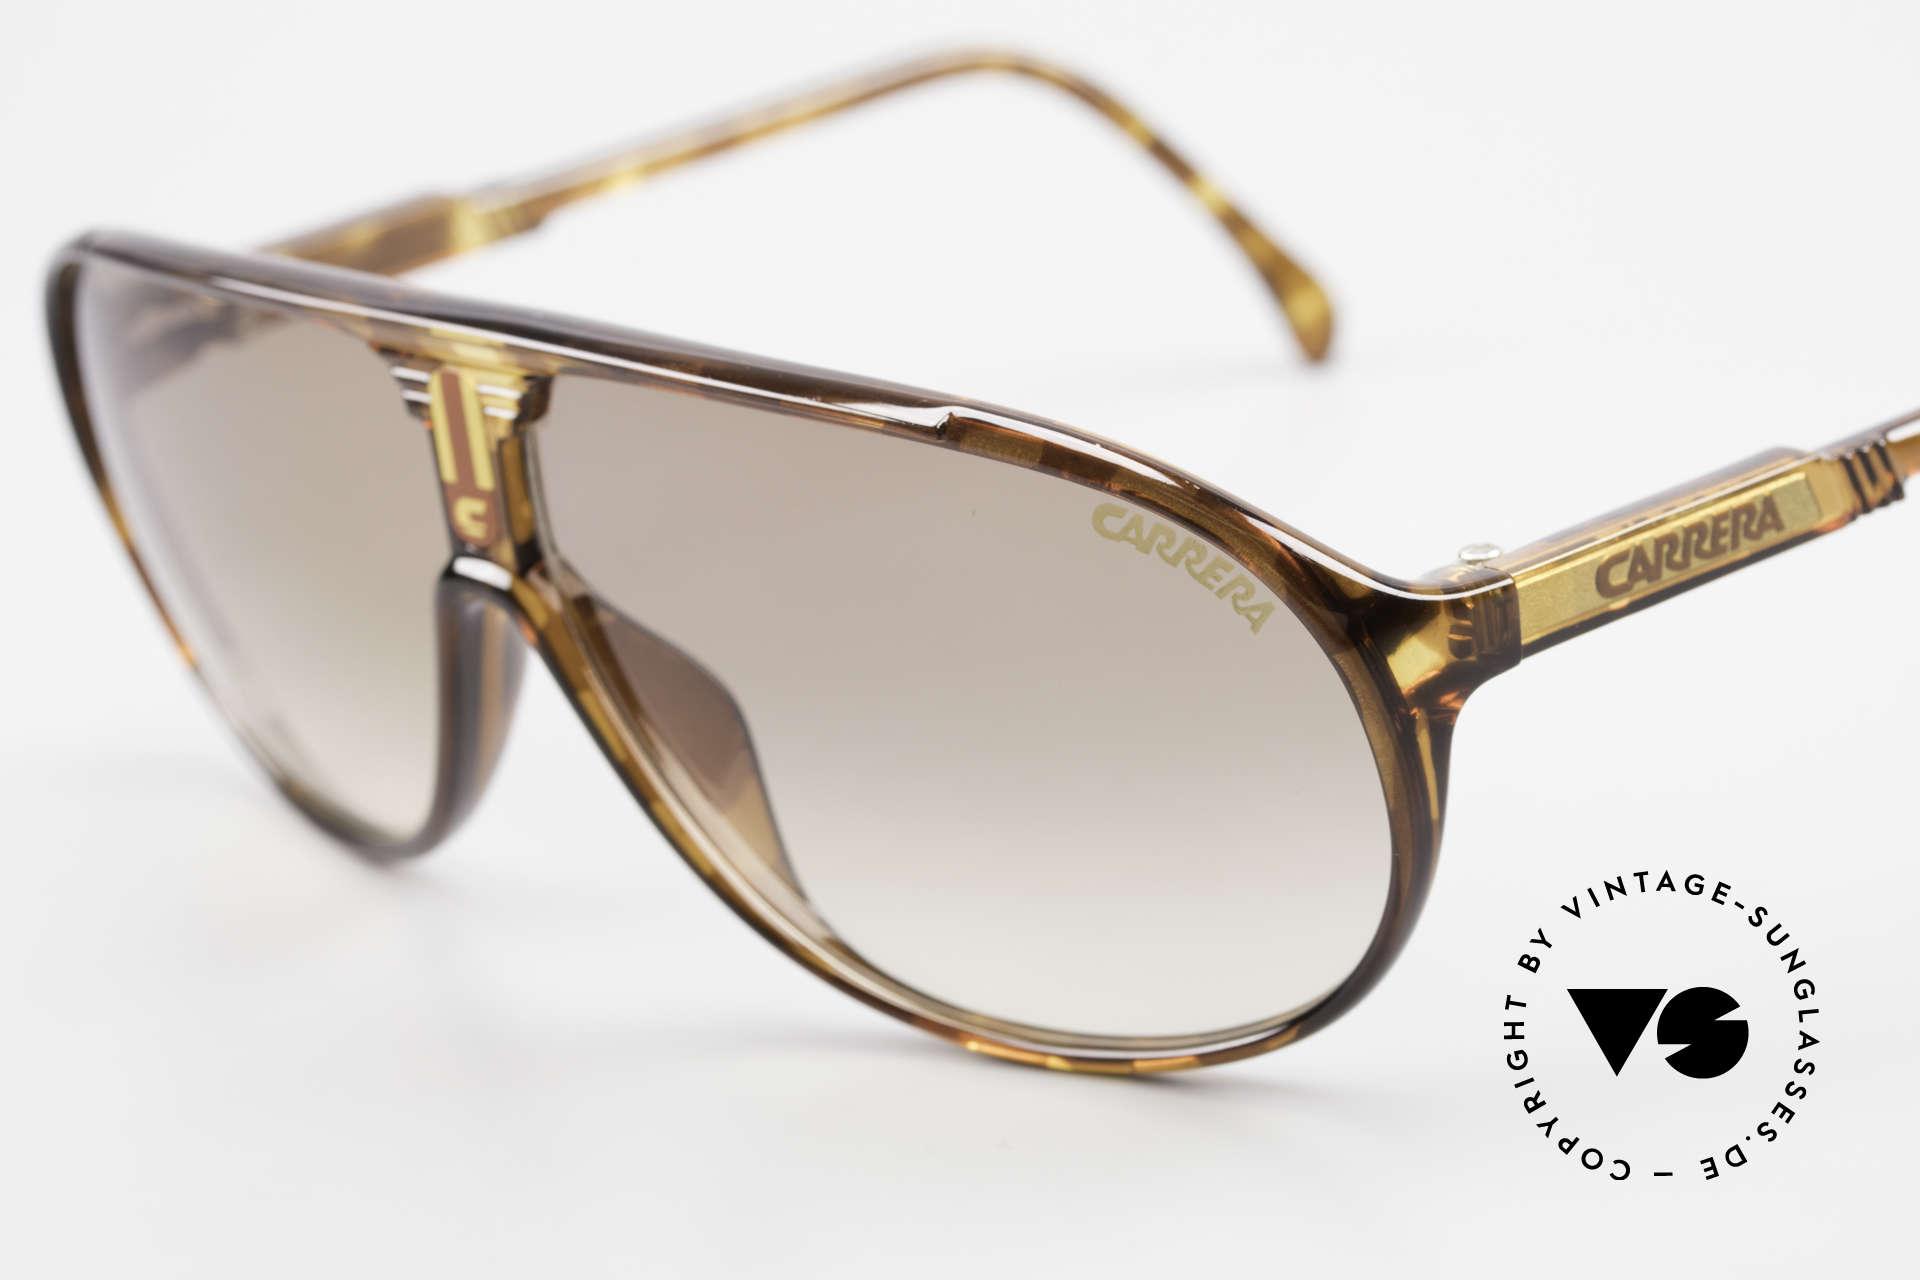 Carrera 5412 Optyl Sonnenbrille 80er Sport, 3 Paar Wechselgläser für unterschiedliche Bedingungen, Passend für Herren und Damen